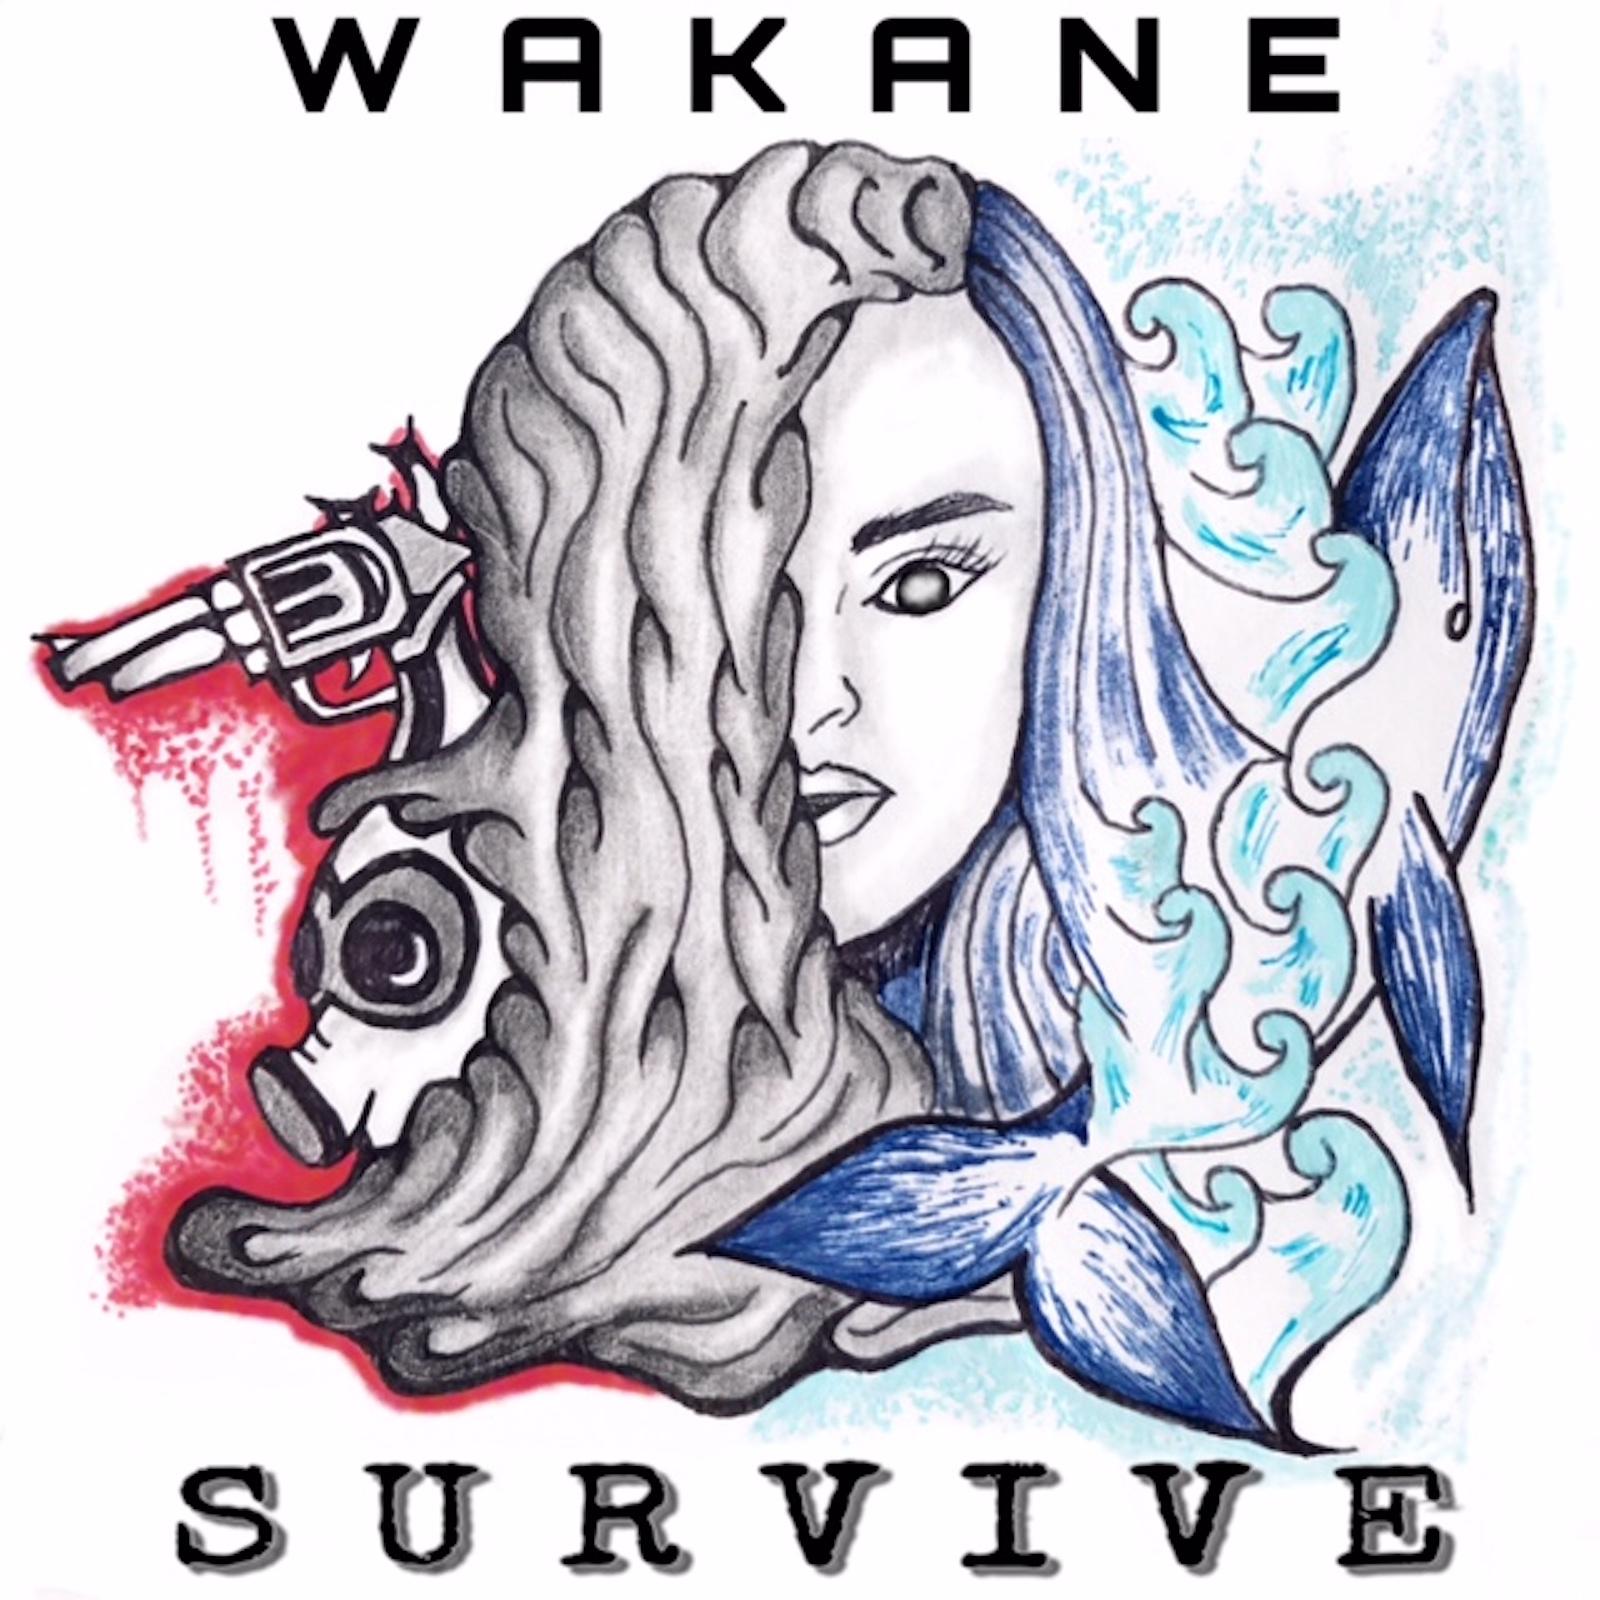 ワカネ新曲「Survive」音楽サイトで配信中。試聴は下記サイトから